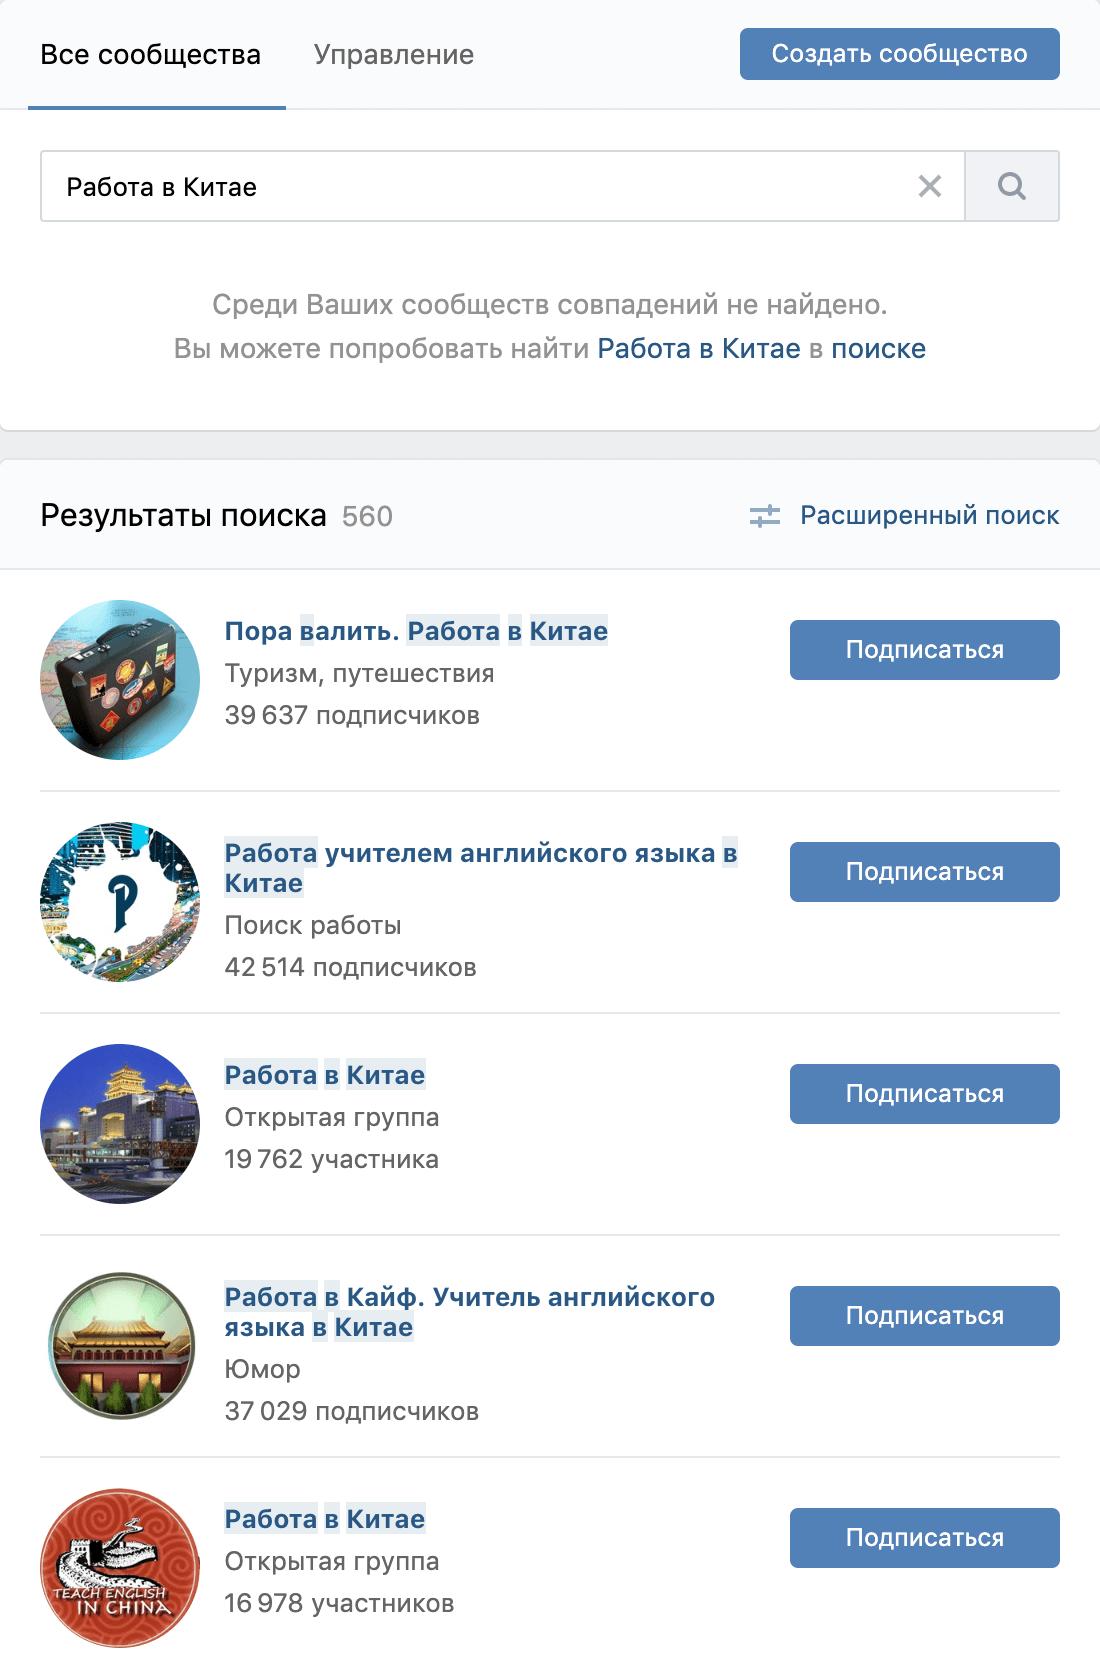 Во Вконтакте тысяча групп с предложениями работы в Китае, но в большинстве работают мошенники